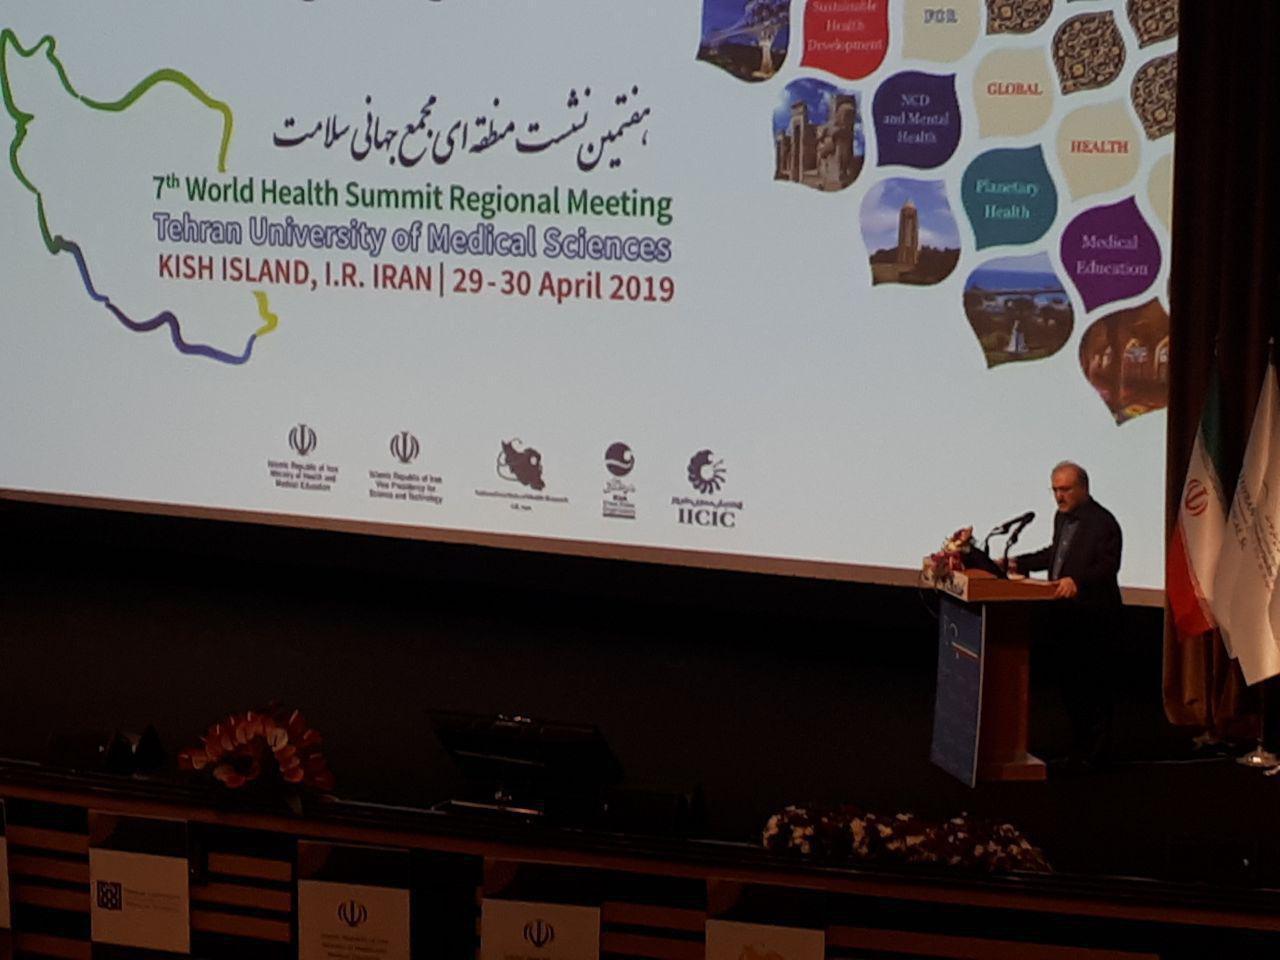 سلامت یک انتخاب سیاسی است/ جایگاه نخست ایران در منطقه در زمینه تحقیقات پزشکی/ هیچ فردی نباید به دلیل تحریم از خدمات سلامت محروم بماند